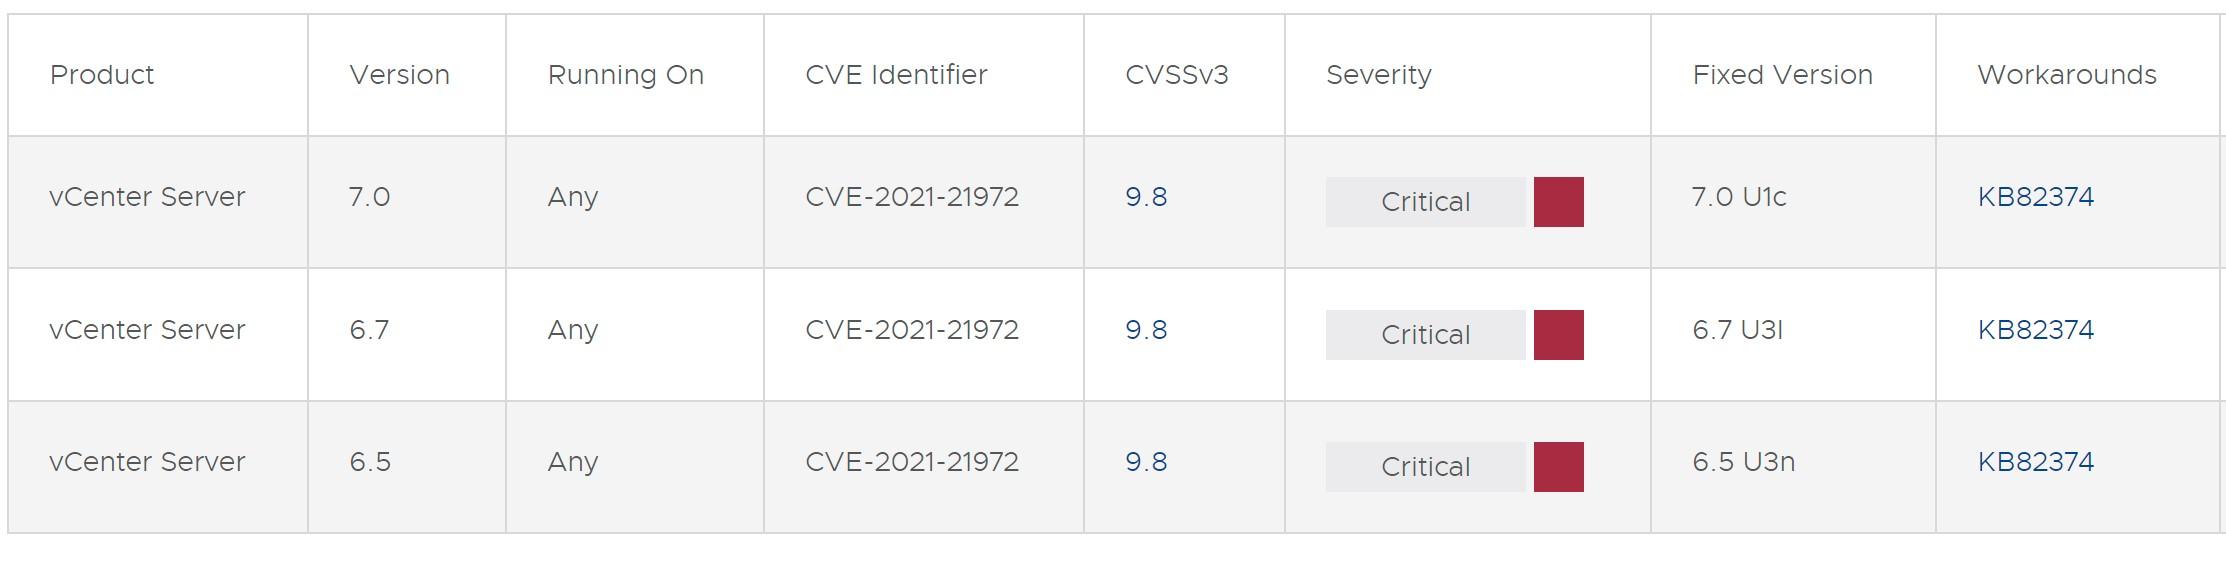 CVE-2021-21972